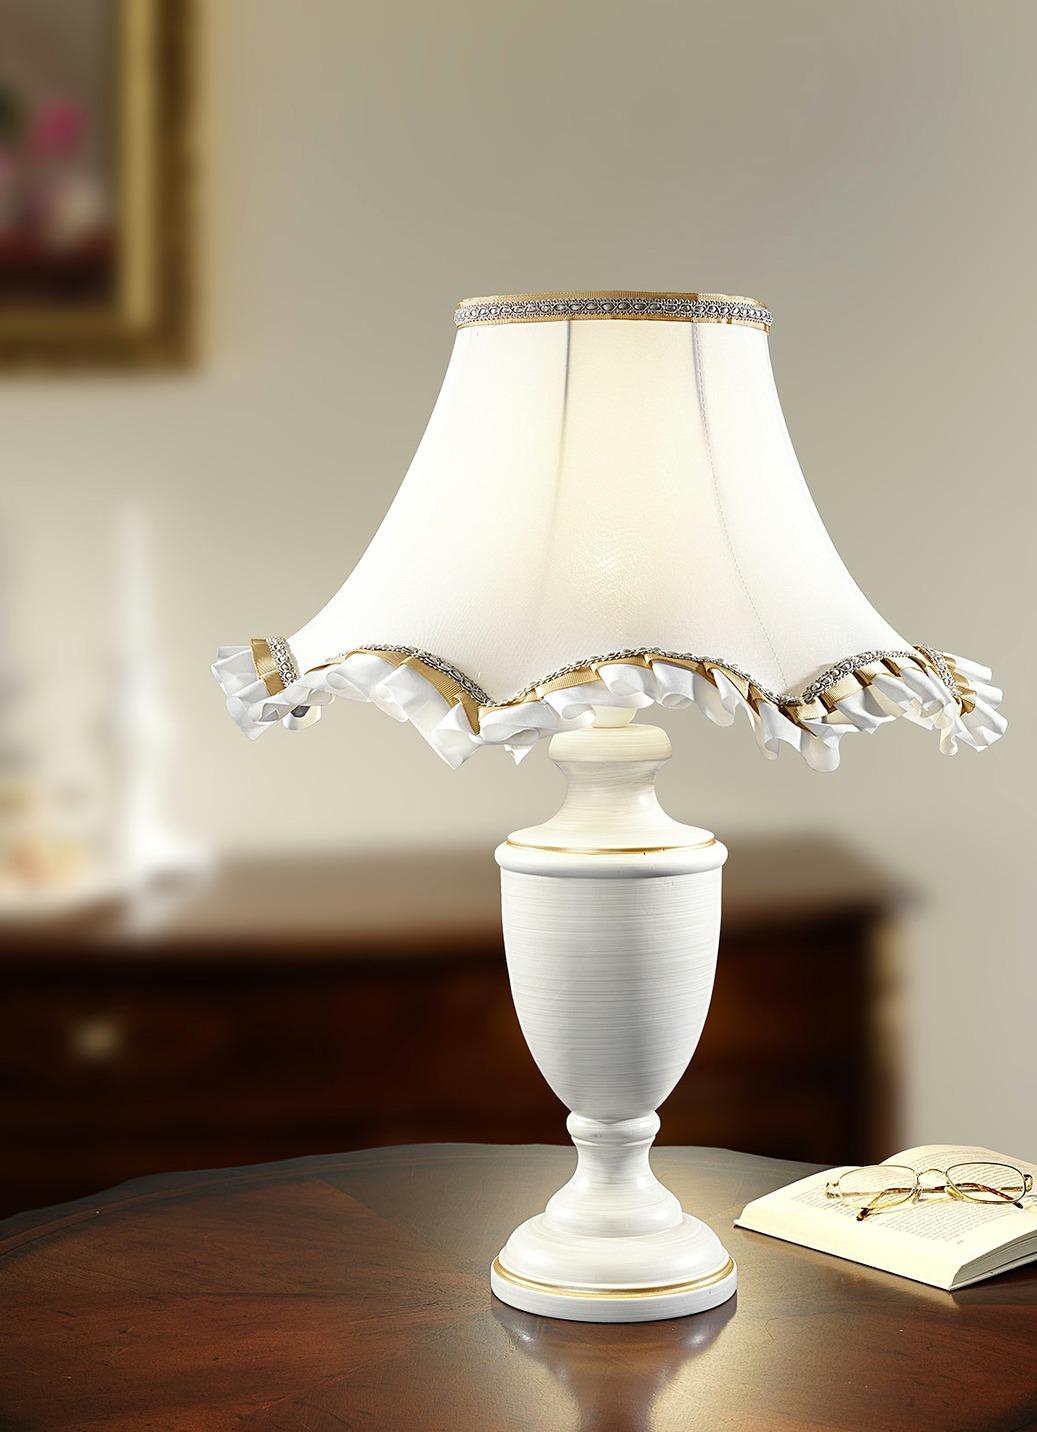 tischleuchte mit zauberhaftem schirm aus stoff lampen leuchten bader. Black Bedroom Furniture Sets. Home Design Ideas